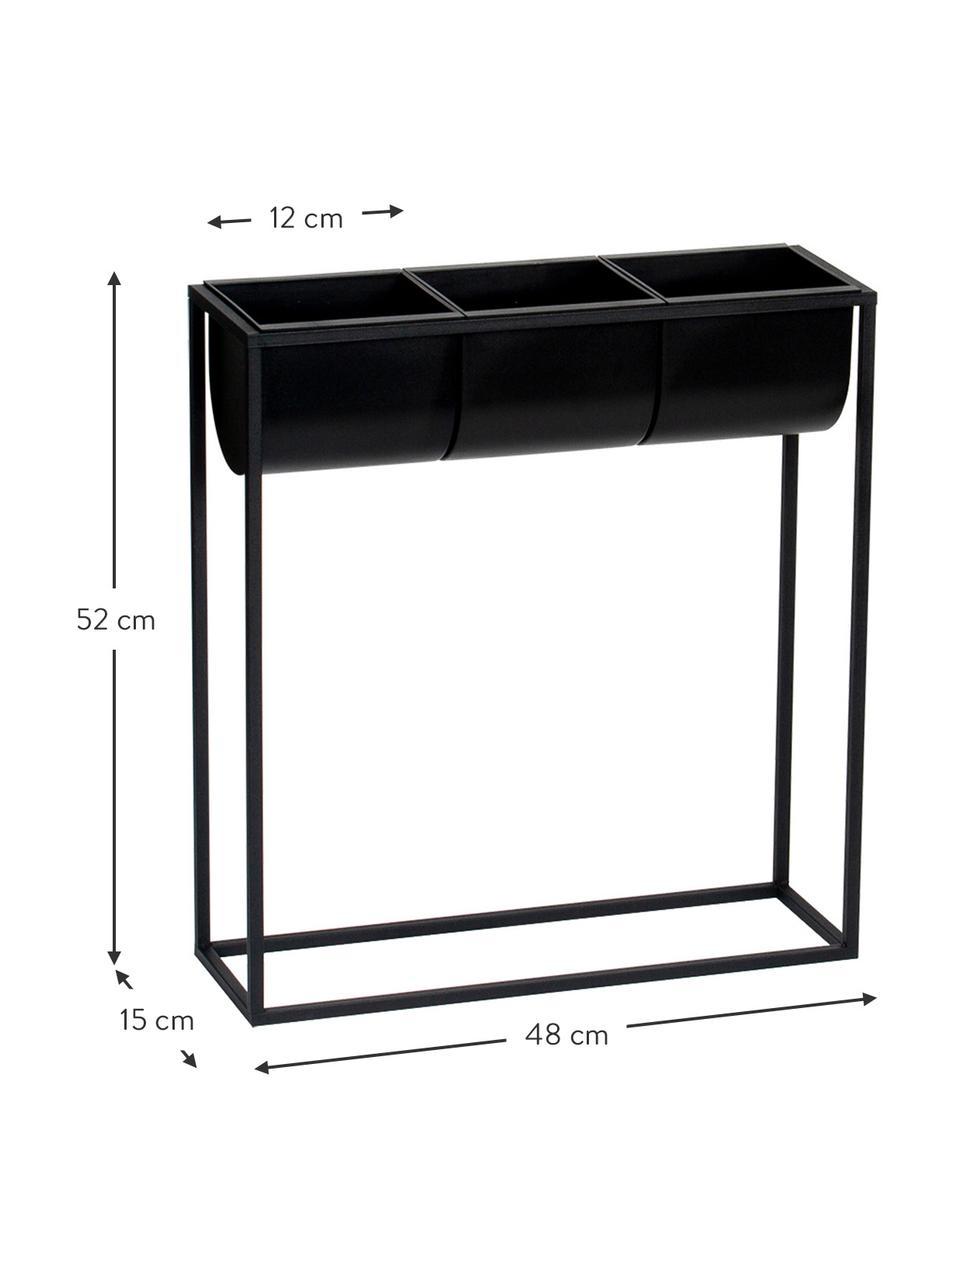 Übertopf-Set Bino aus Kunststoff und Metall, 4-tlg., Gestell: Metall, beschichtet, Übertopf: Kunststoff, Schwarz, 48 x 52 cm